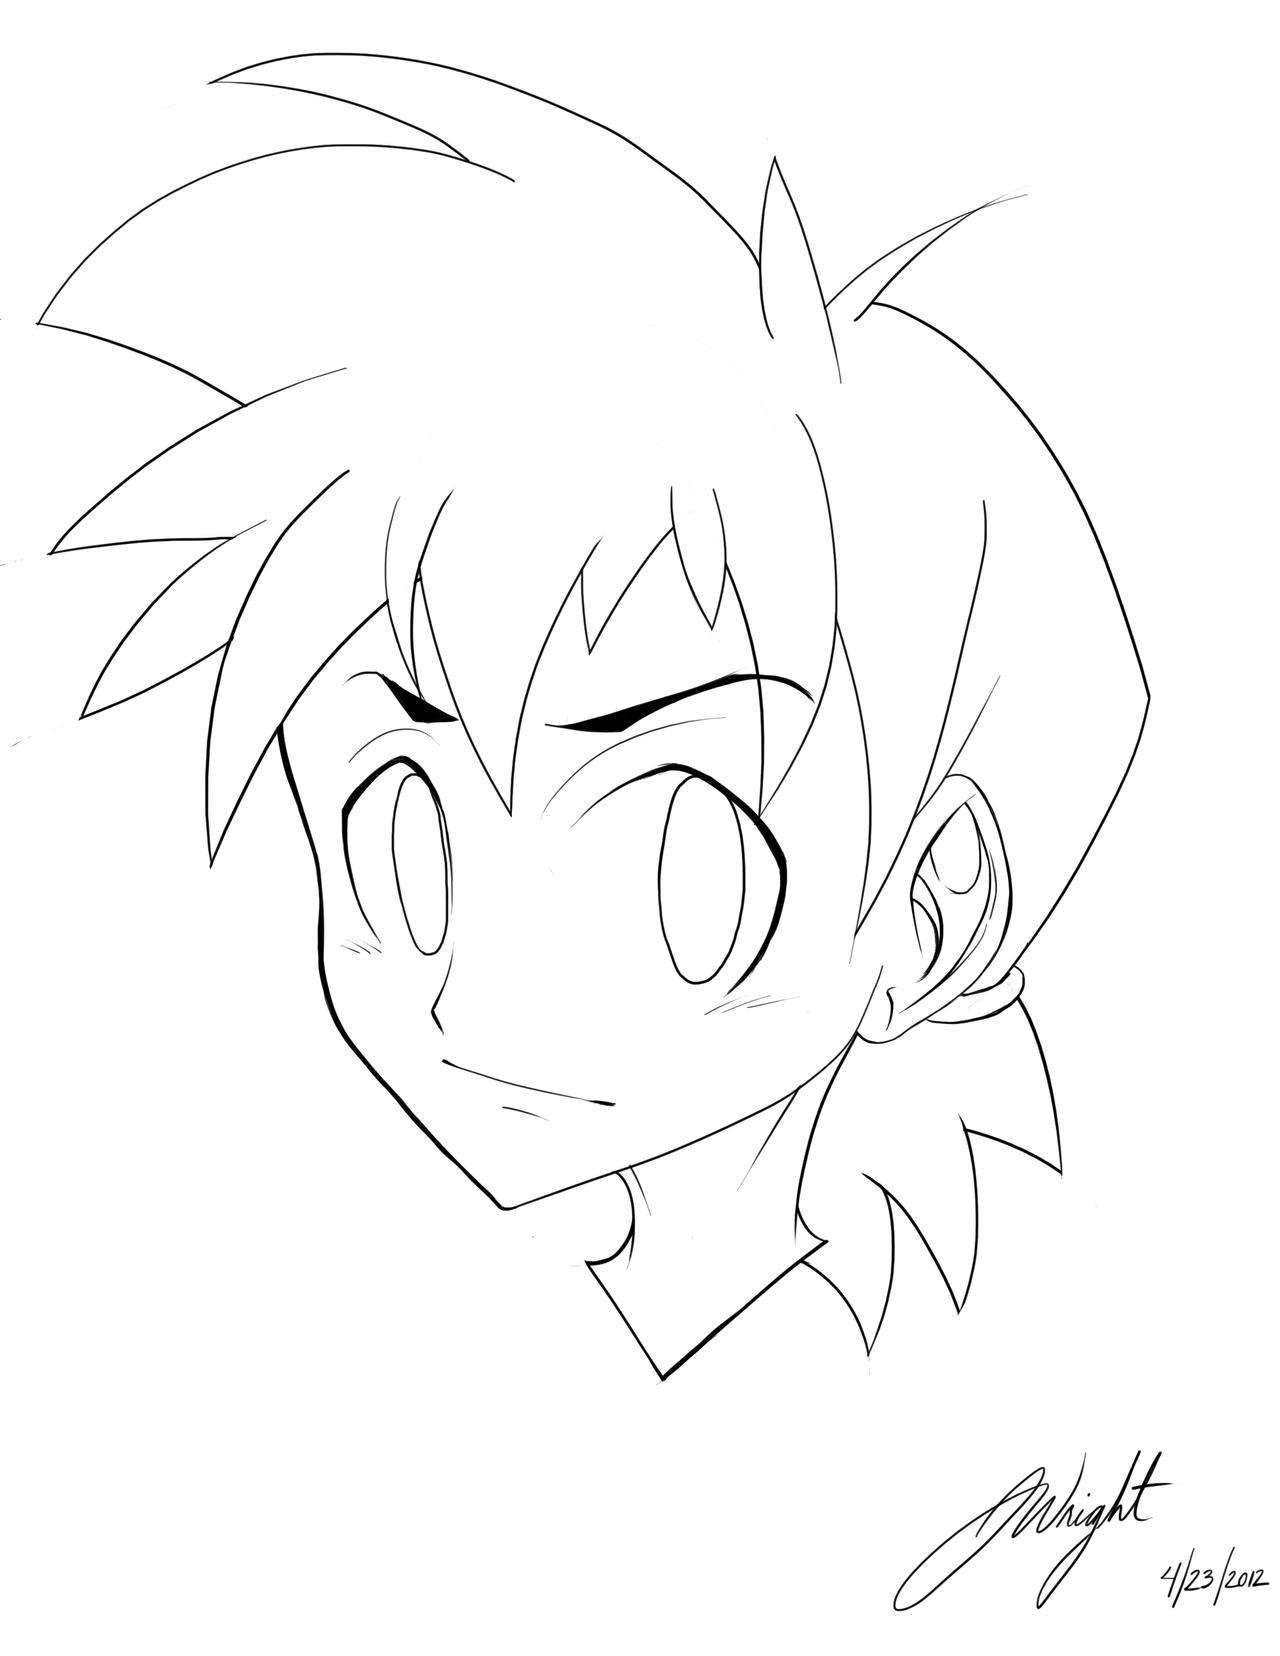 Line Art Anime : Anime line art practice by joshtheartist on deviantart